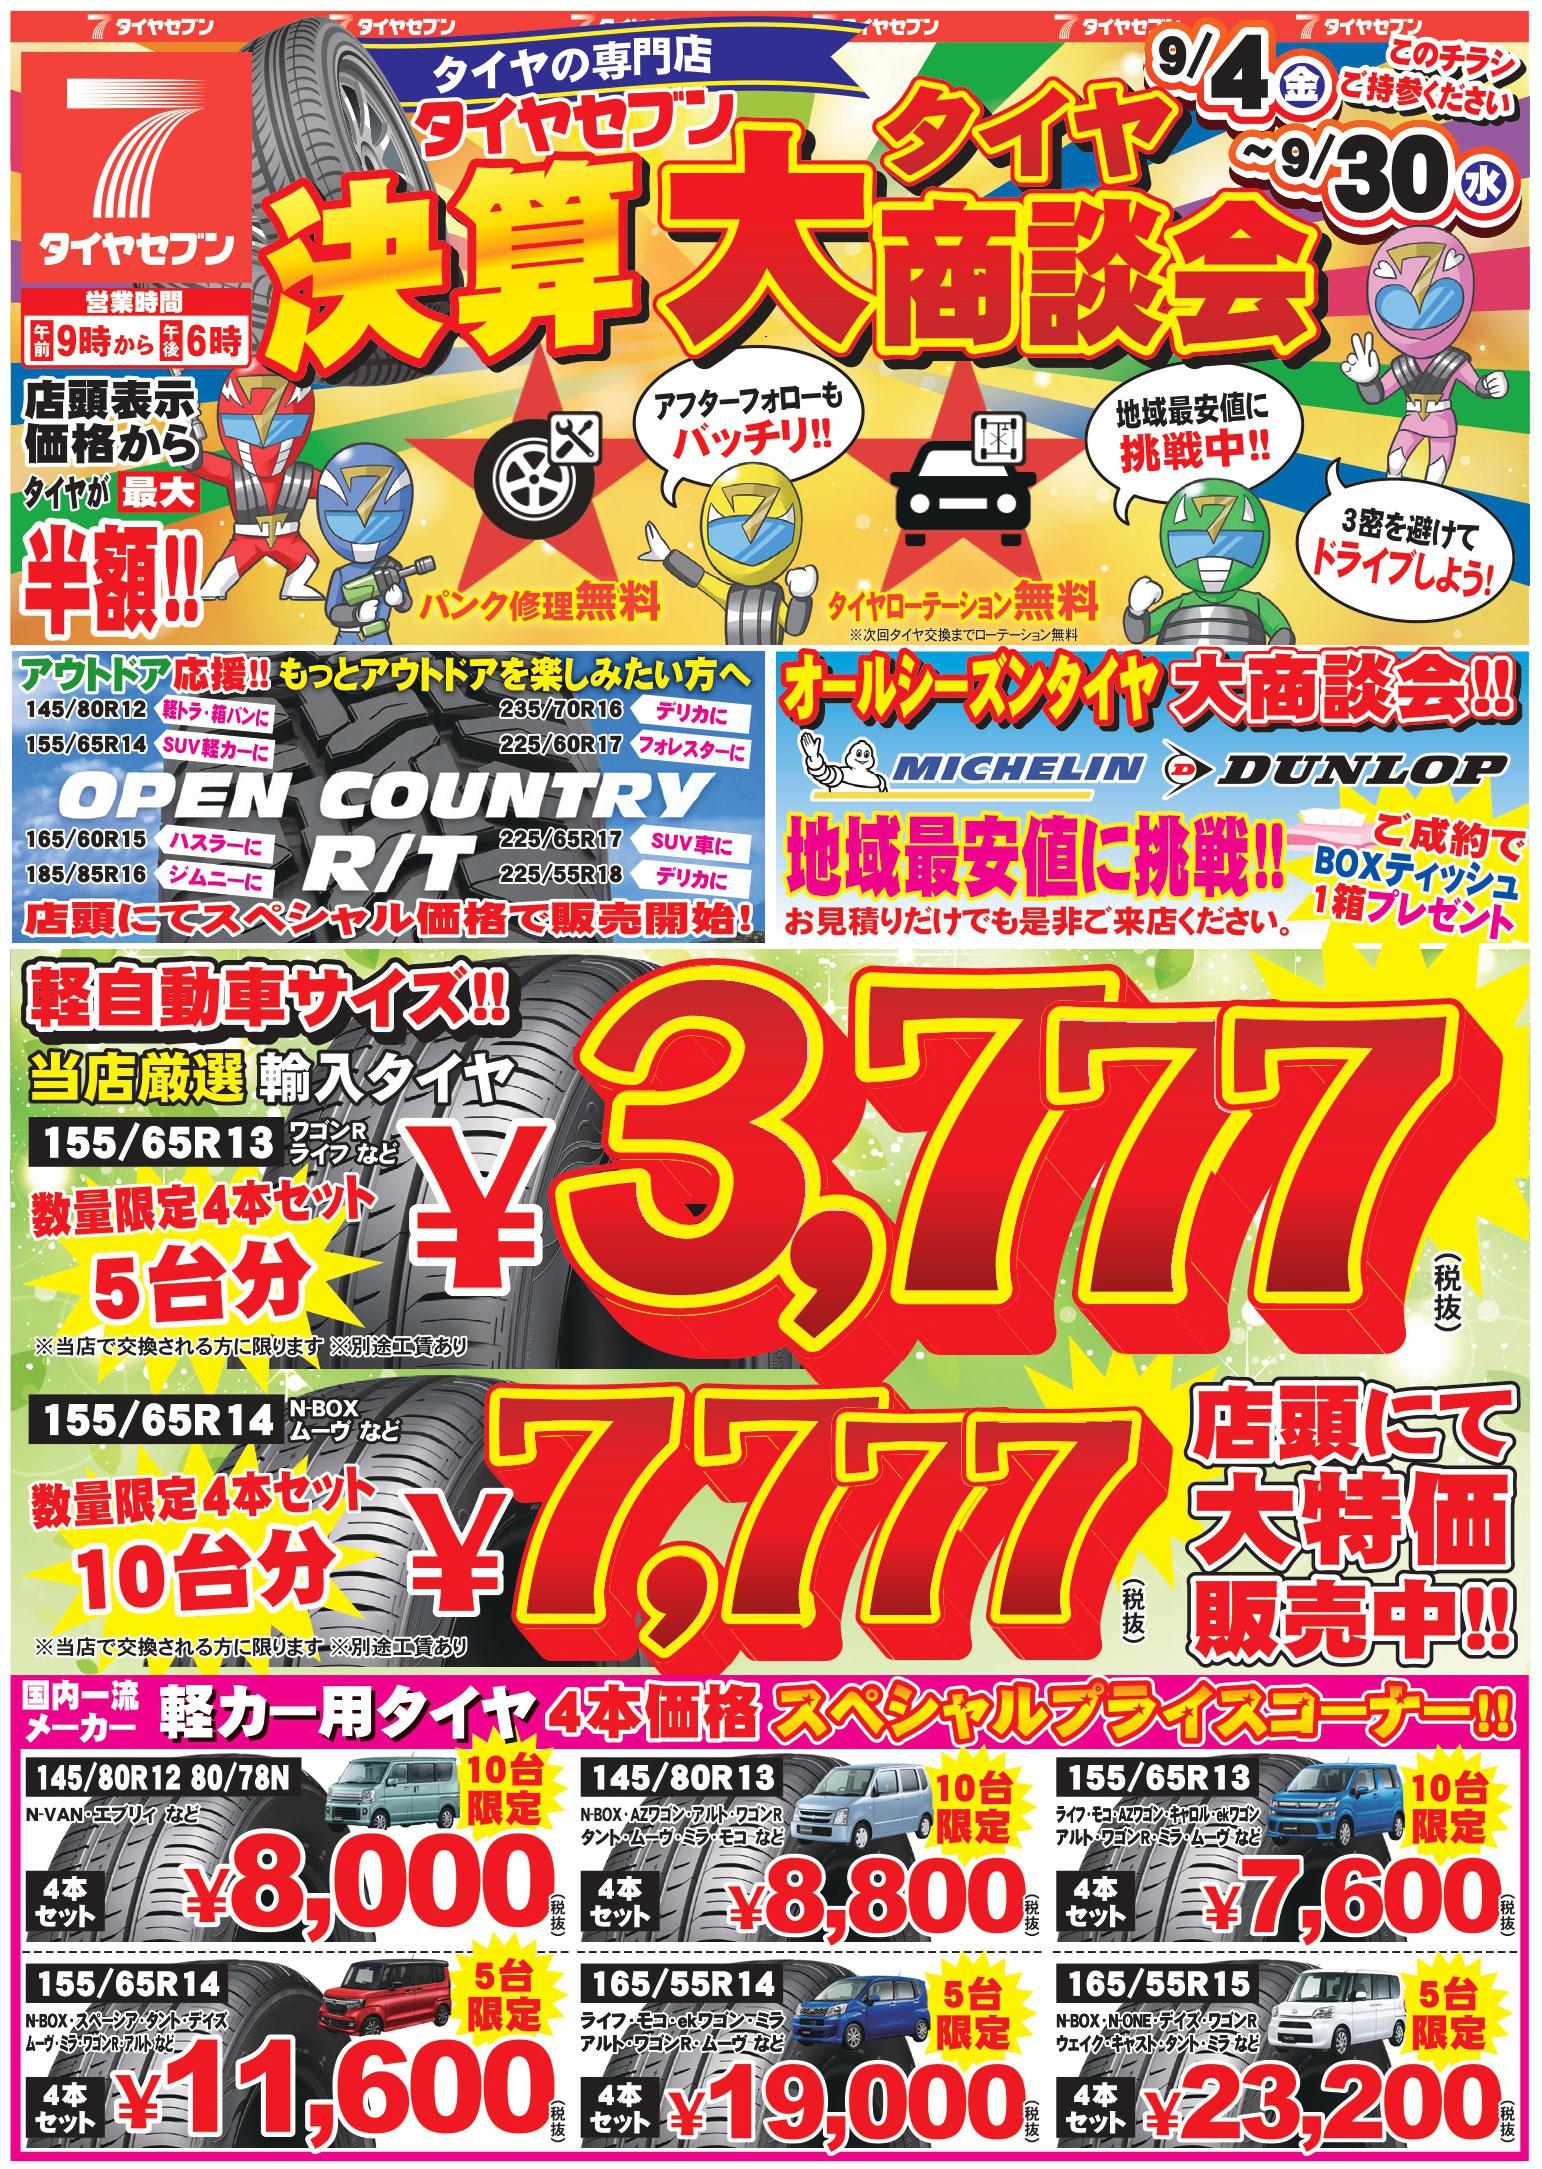 チラシ情報2020年9月(鹿児島・熊本・宮崎)